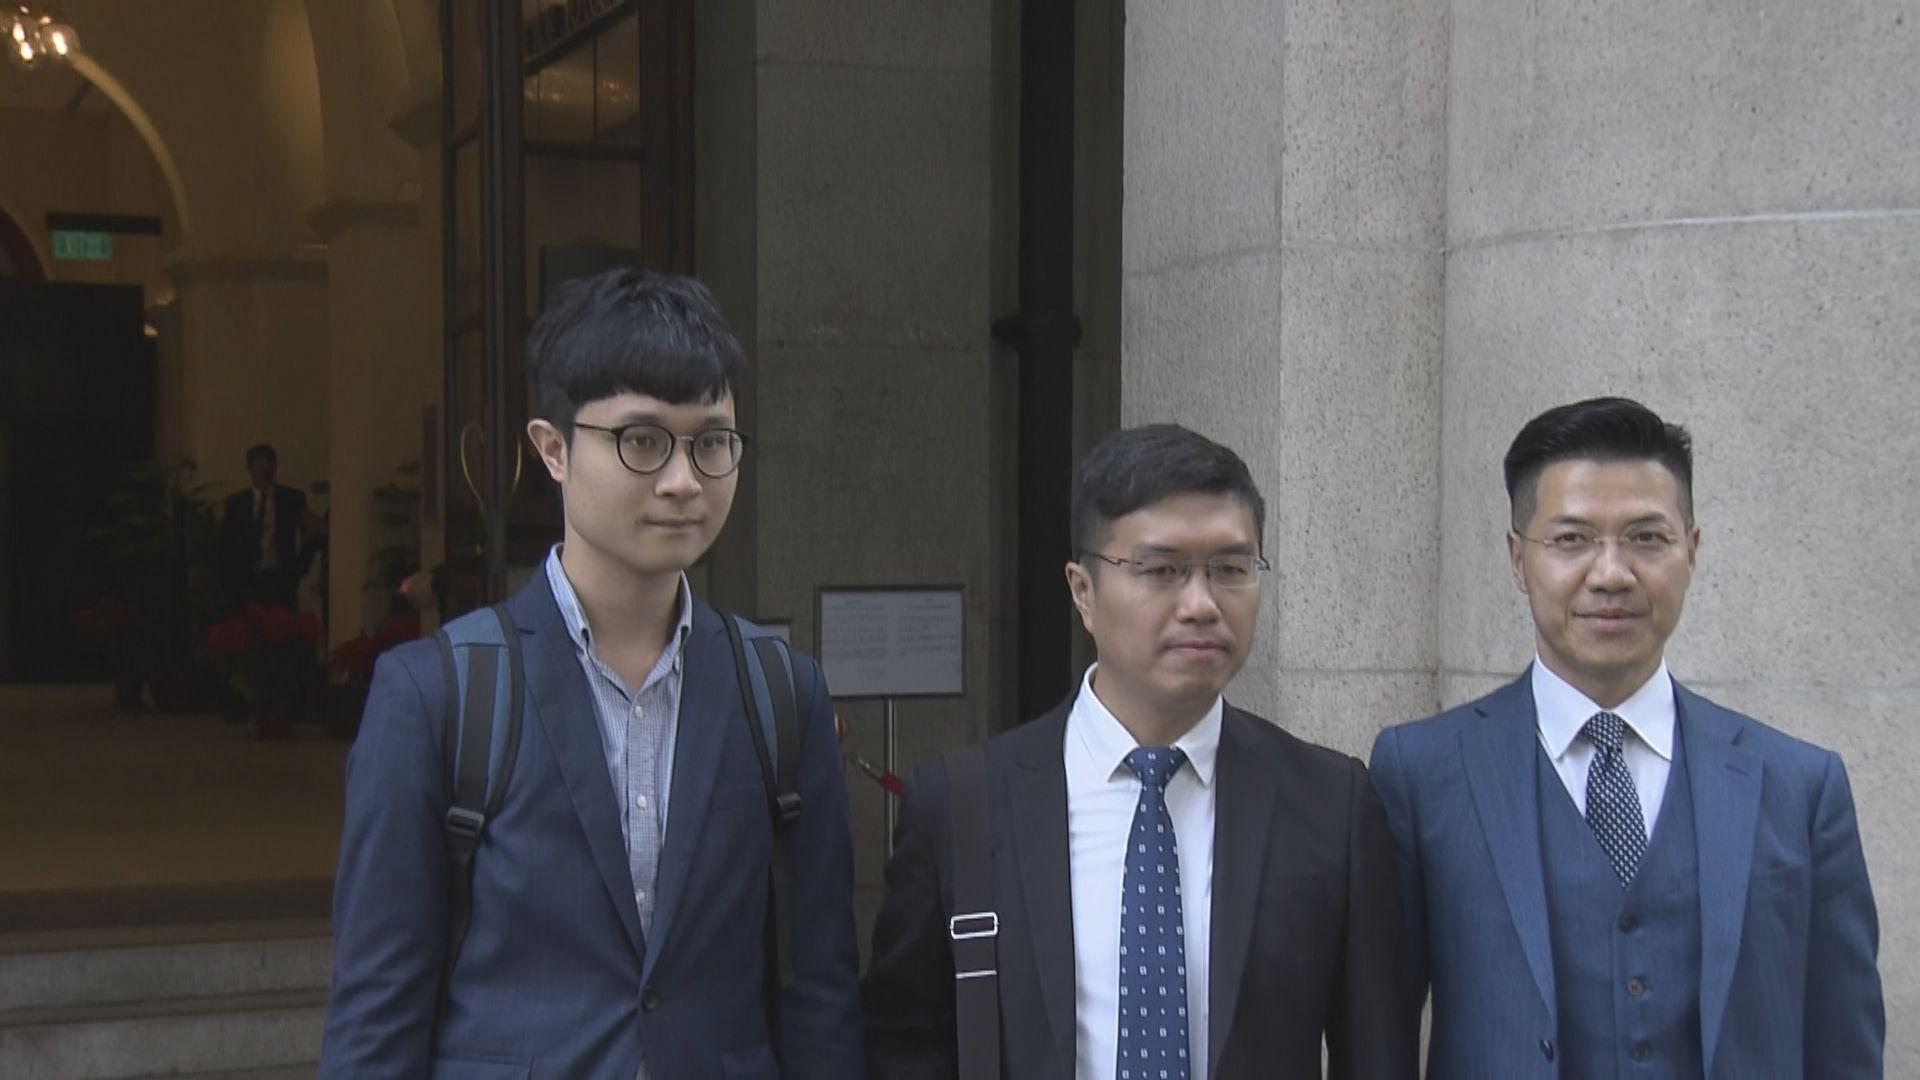 選舉呈請上訴被拒 區諾軒范國威即時失立會議席